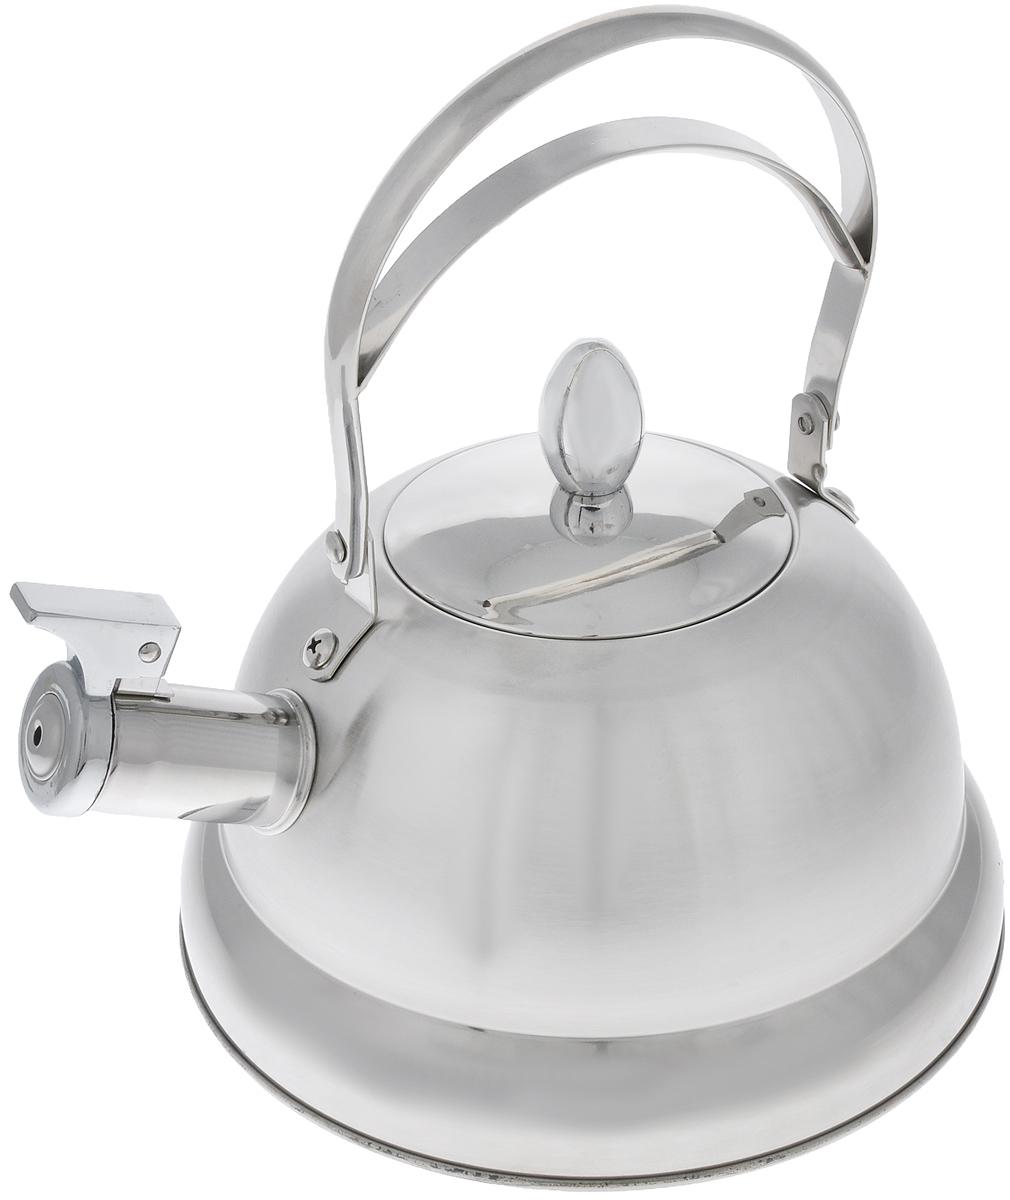 Чайник Mayer & Boch, со свистком, 3 л. 2323223232Чайник Mayer & Boch выполнен из высококачественной нержавеющей стали, что делаетего весьма гигиеничным и устойчивым к износу при длительном использовании. Носик чайникаоснащен насадкой-свистком, что позволит вам контролировать процесс подогрева иликипяченияводы. Подвижная ручка дает дополнительное удобствопри наливании напитка.Поверхность чайника гладкая, что облегчает уход за ним. Эстетичный и функциональный, с эксклюзивным дизайном, чайник будет оригинальносмотретьсяв любом интерьере.Подходит для всех типов плит, включая индукционные. Можно мыть в посудомоечной машине.Высота чайника (без учета ручки и крышки): 12 см.Высота чайника (с учетом ручки и крышки): 25 см.Диаметр чайника (по верхнему краю): 10,5 см.